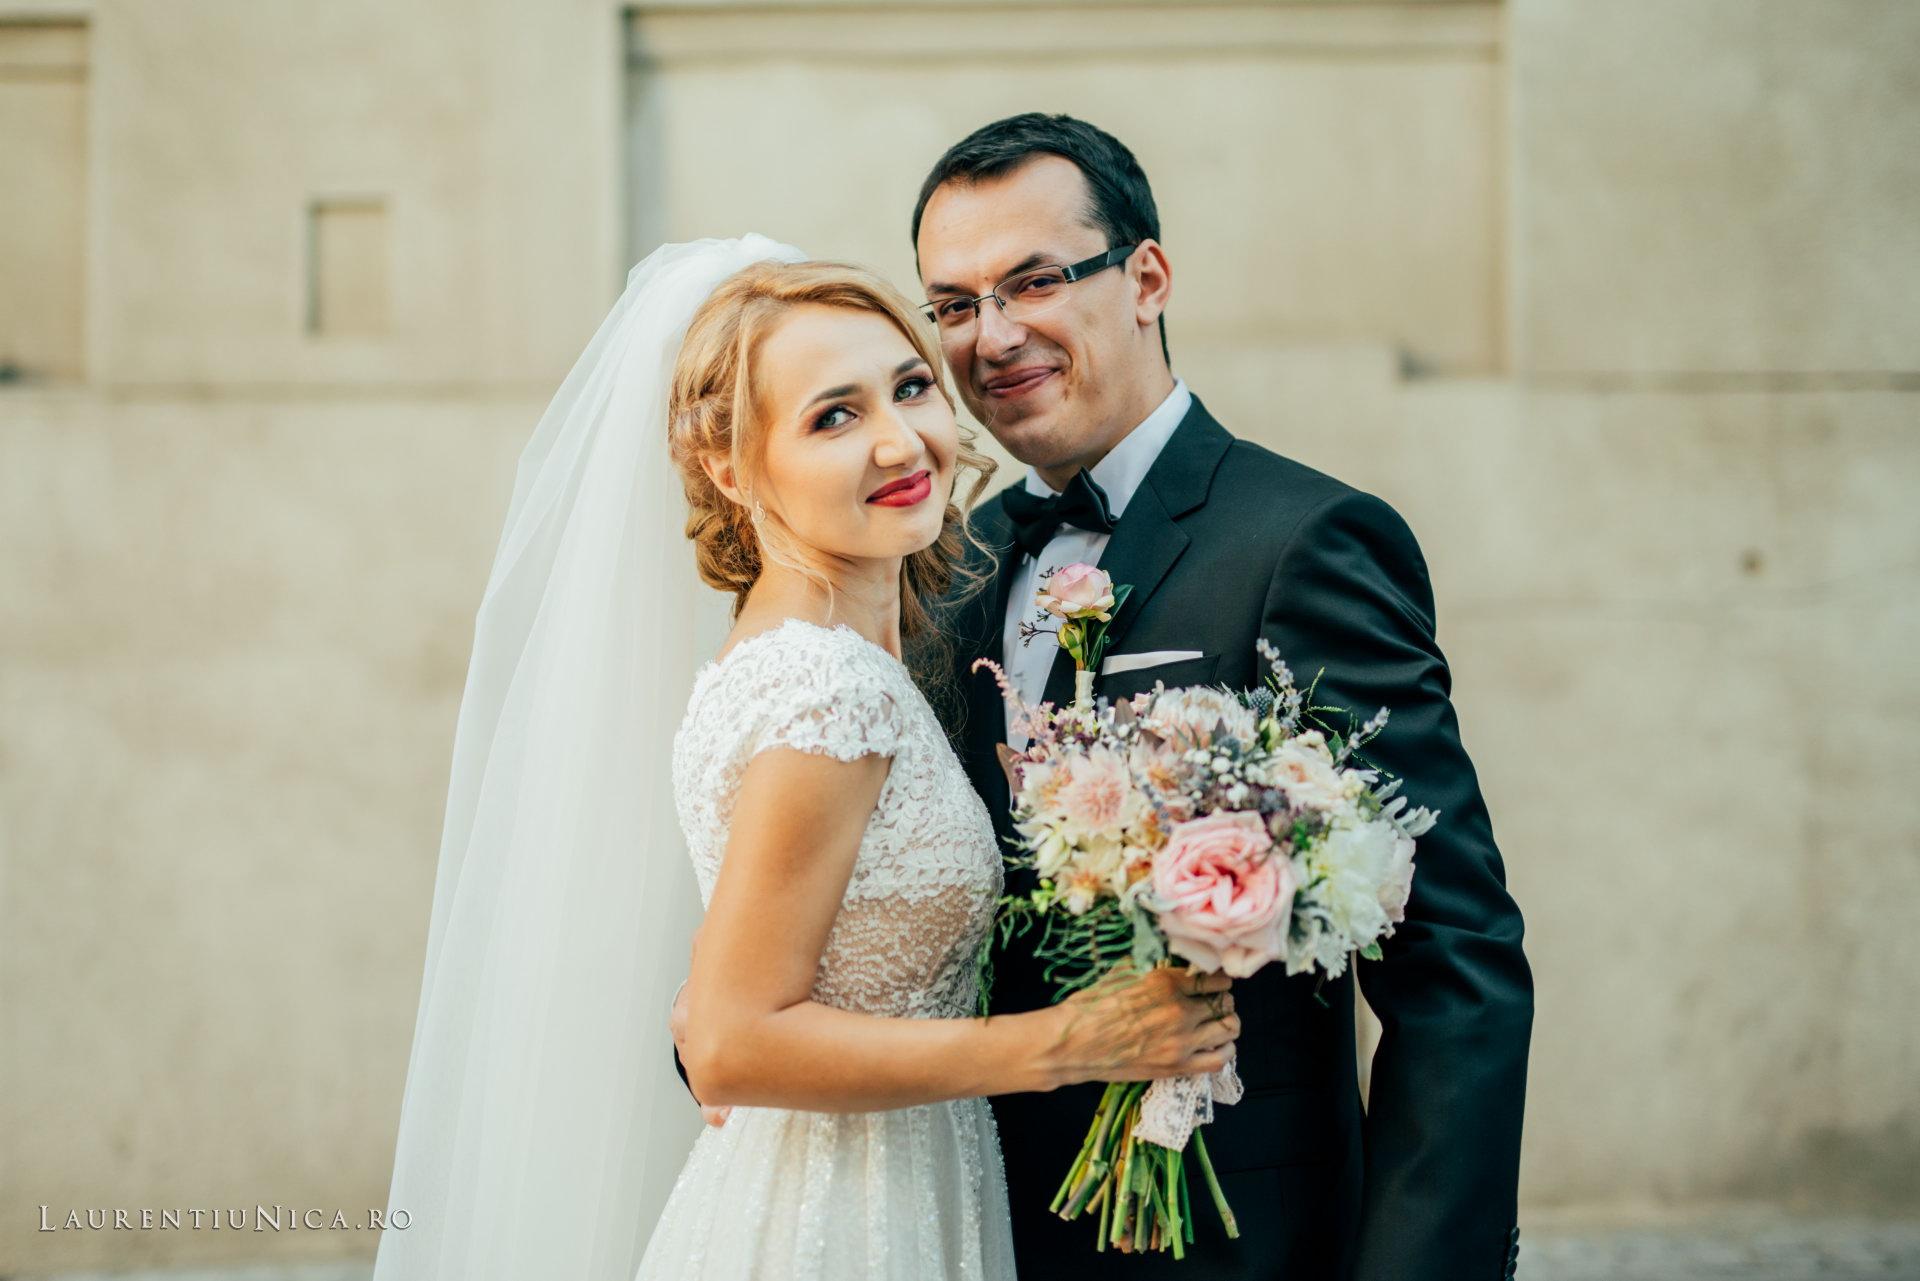 alina si razvan craiova fotograf nunta laurentiu nica46 - Alina & Razvan | Fotografii nunta